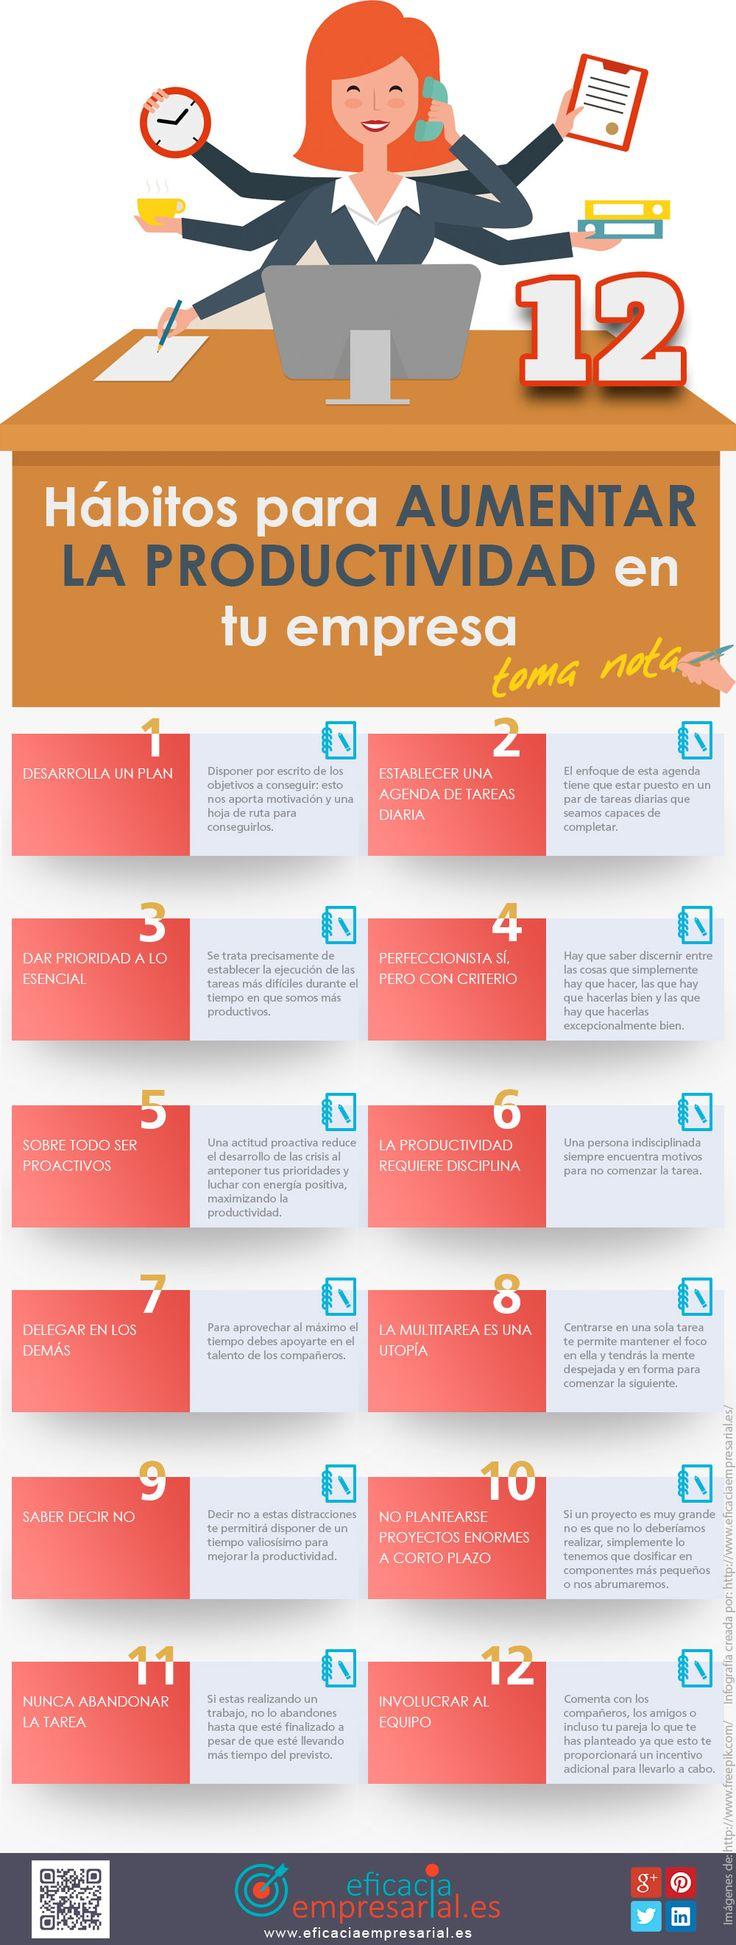 12 pasos para aumentar la productividad en tu empresa [Infografía] http://www.eficaciaempresarial.es/12-pasos-para-aumentar-la-productividad-en-tu-empresa/